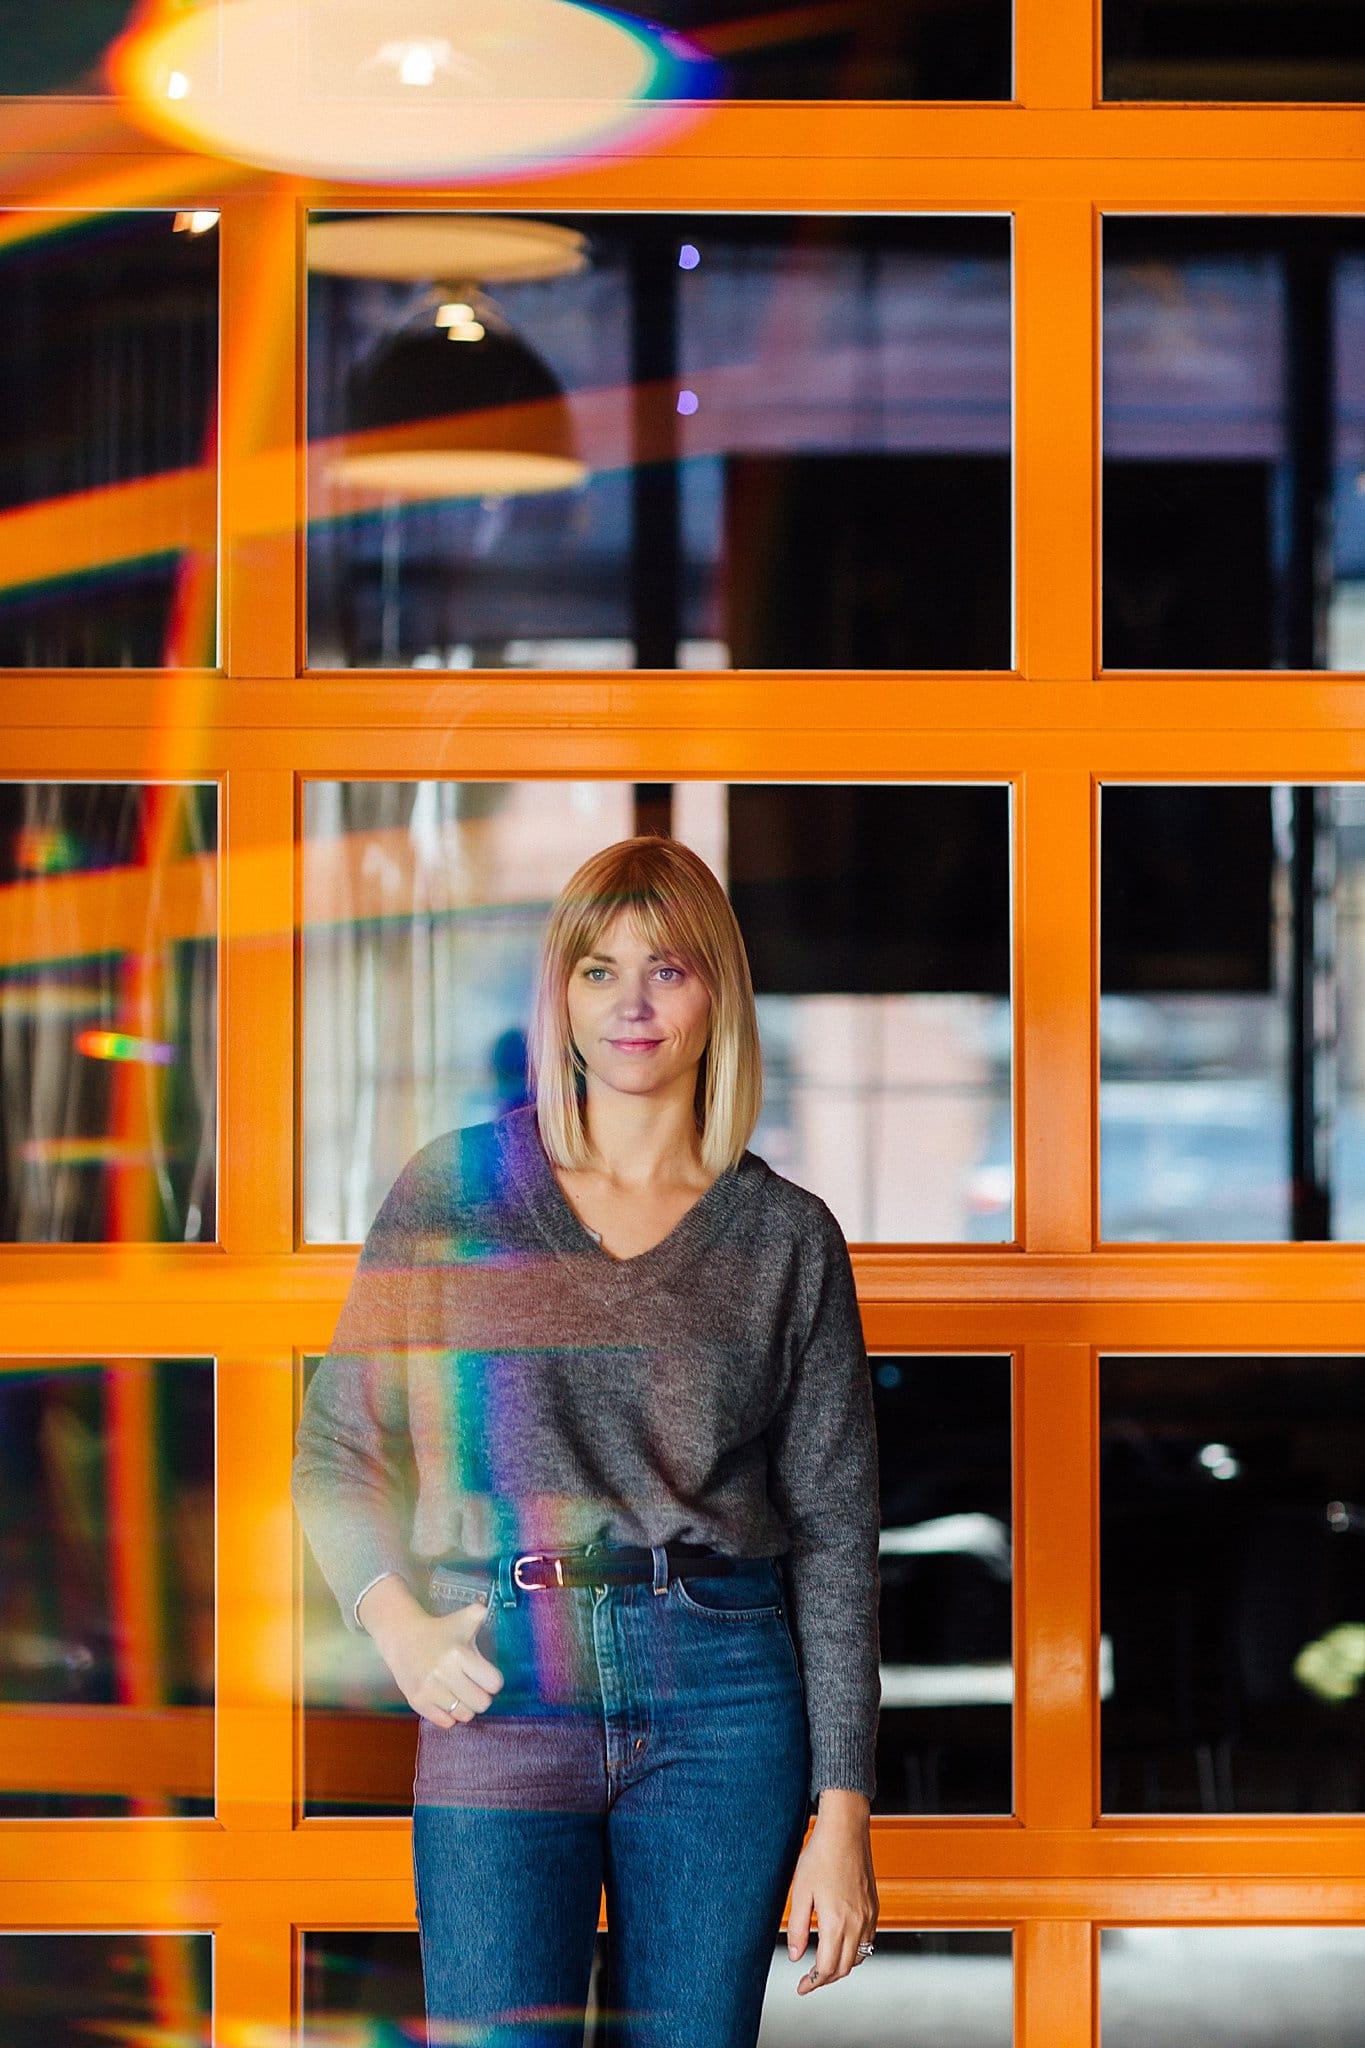 Milwaukee portrait-Double You Photography-Kat Wegrzyniak